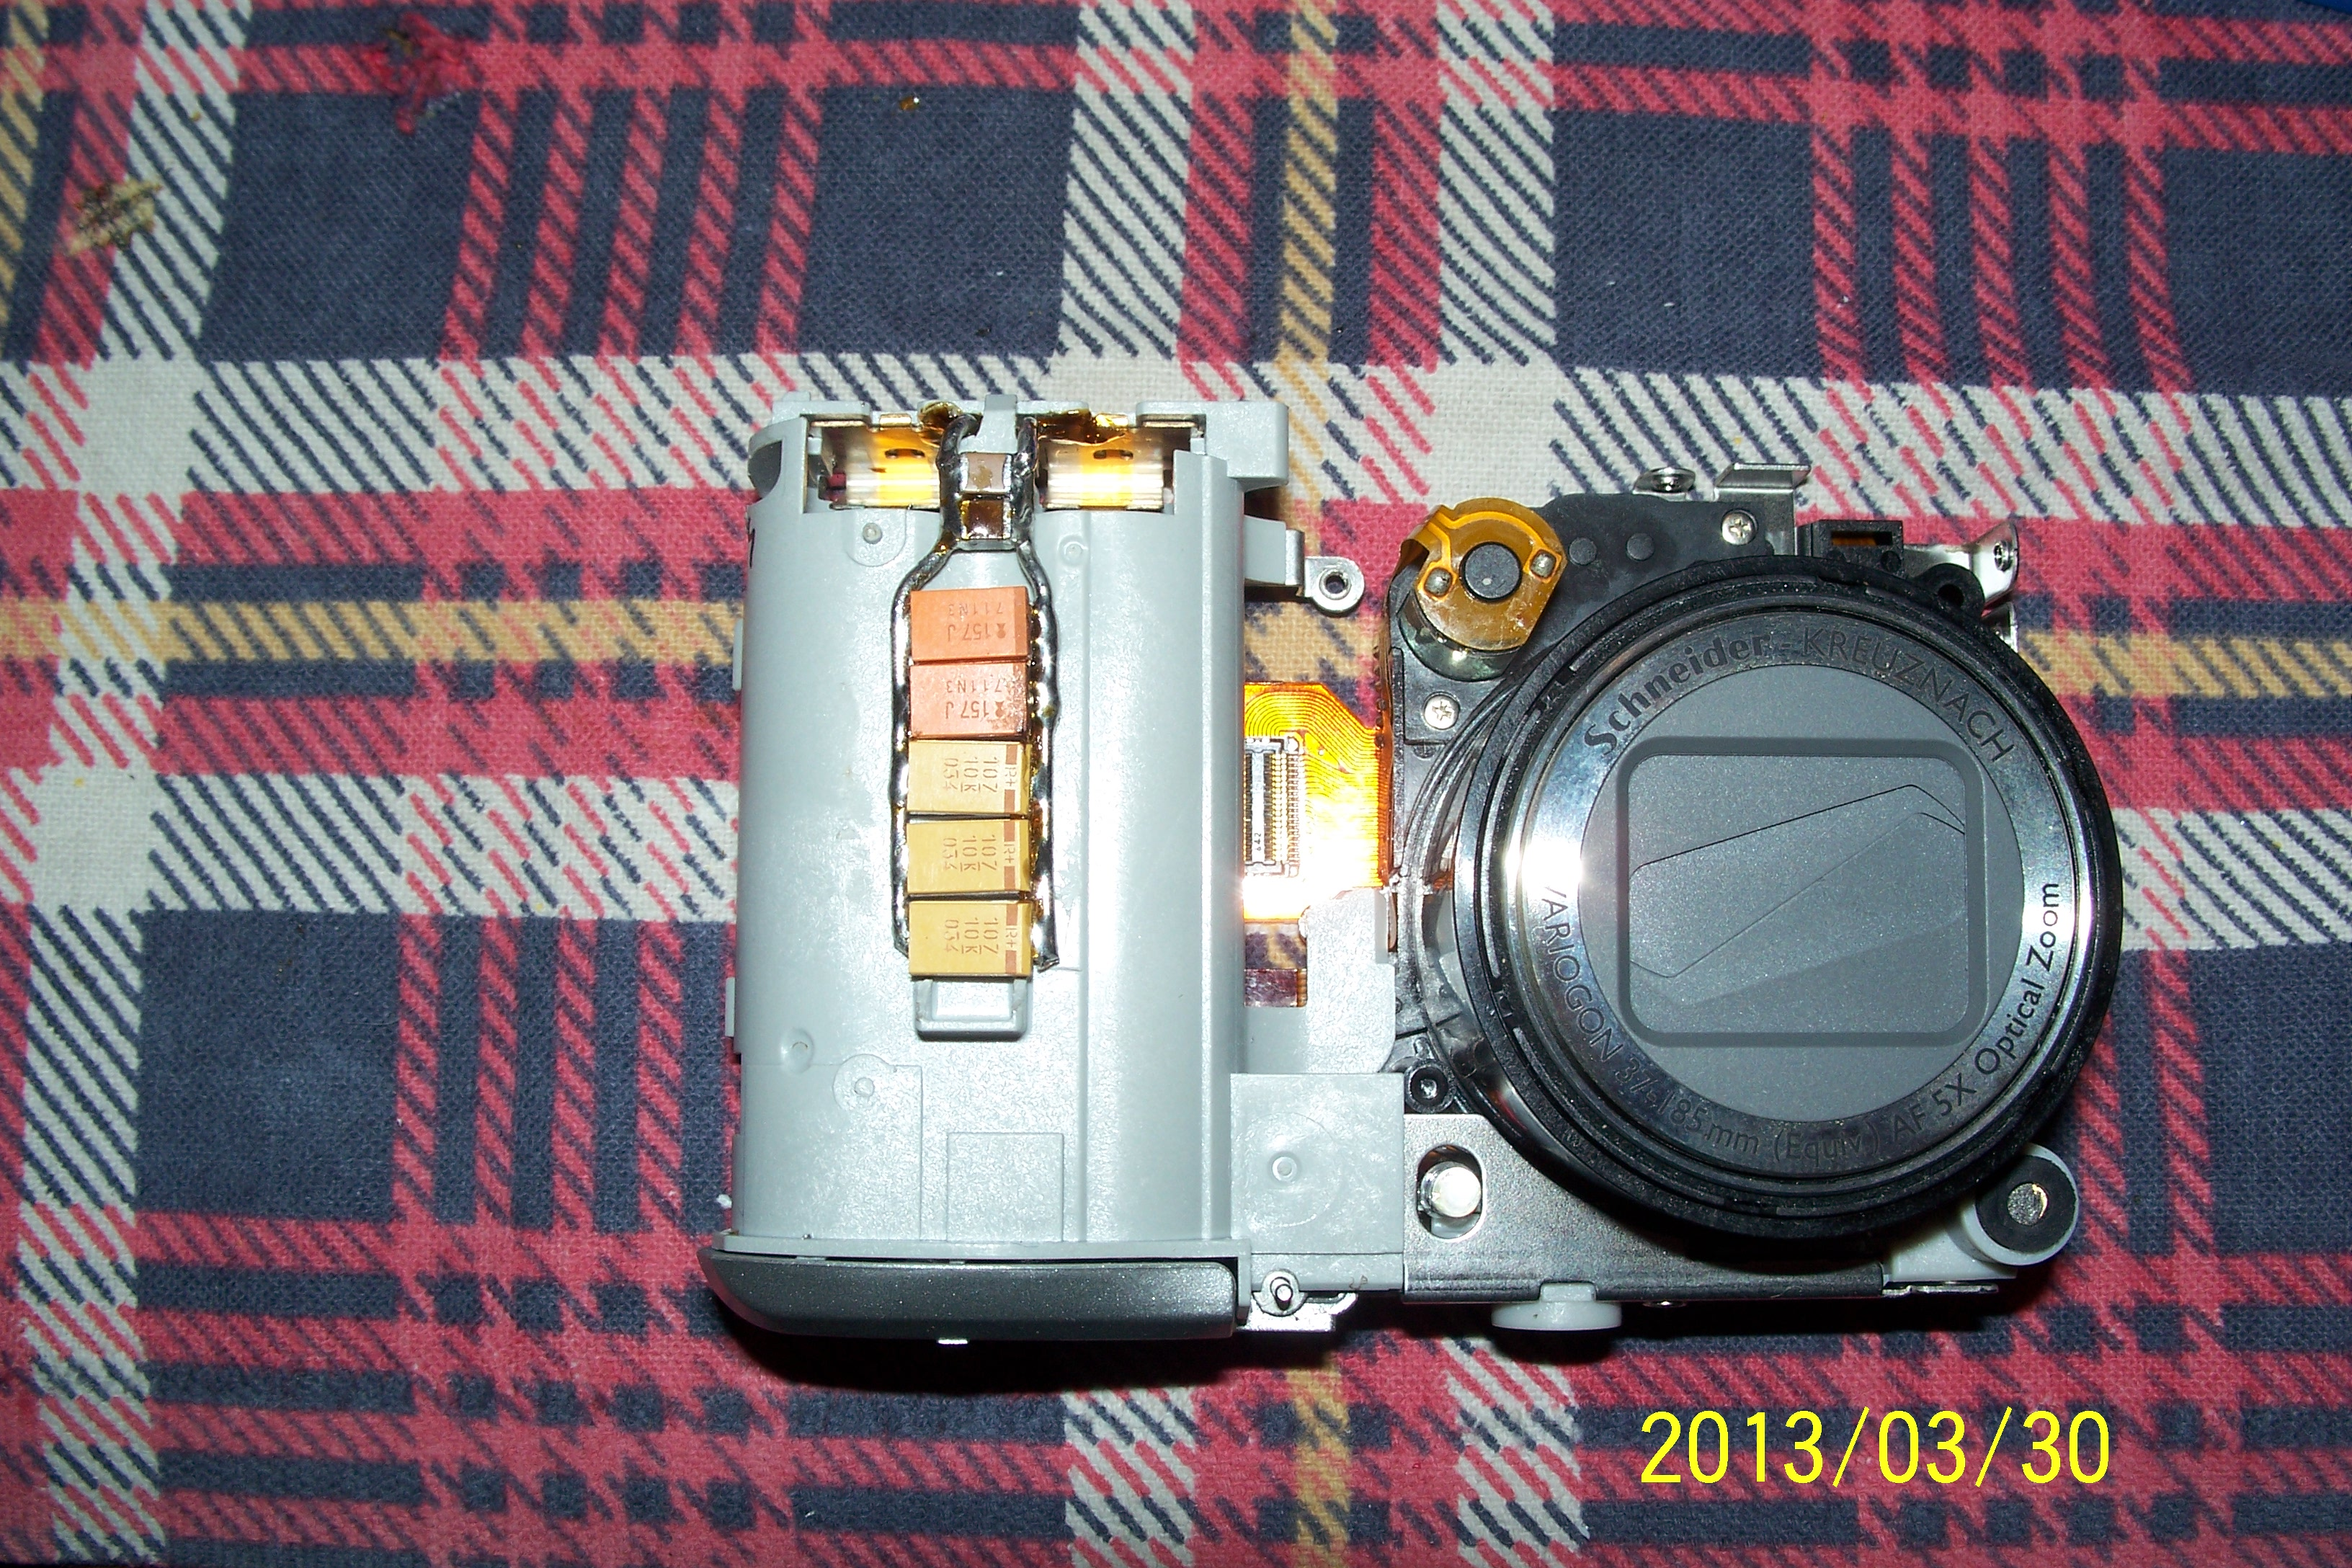 KODAK  C875 szybko roz�adowuje akumulatorki